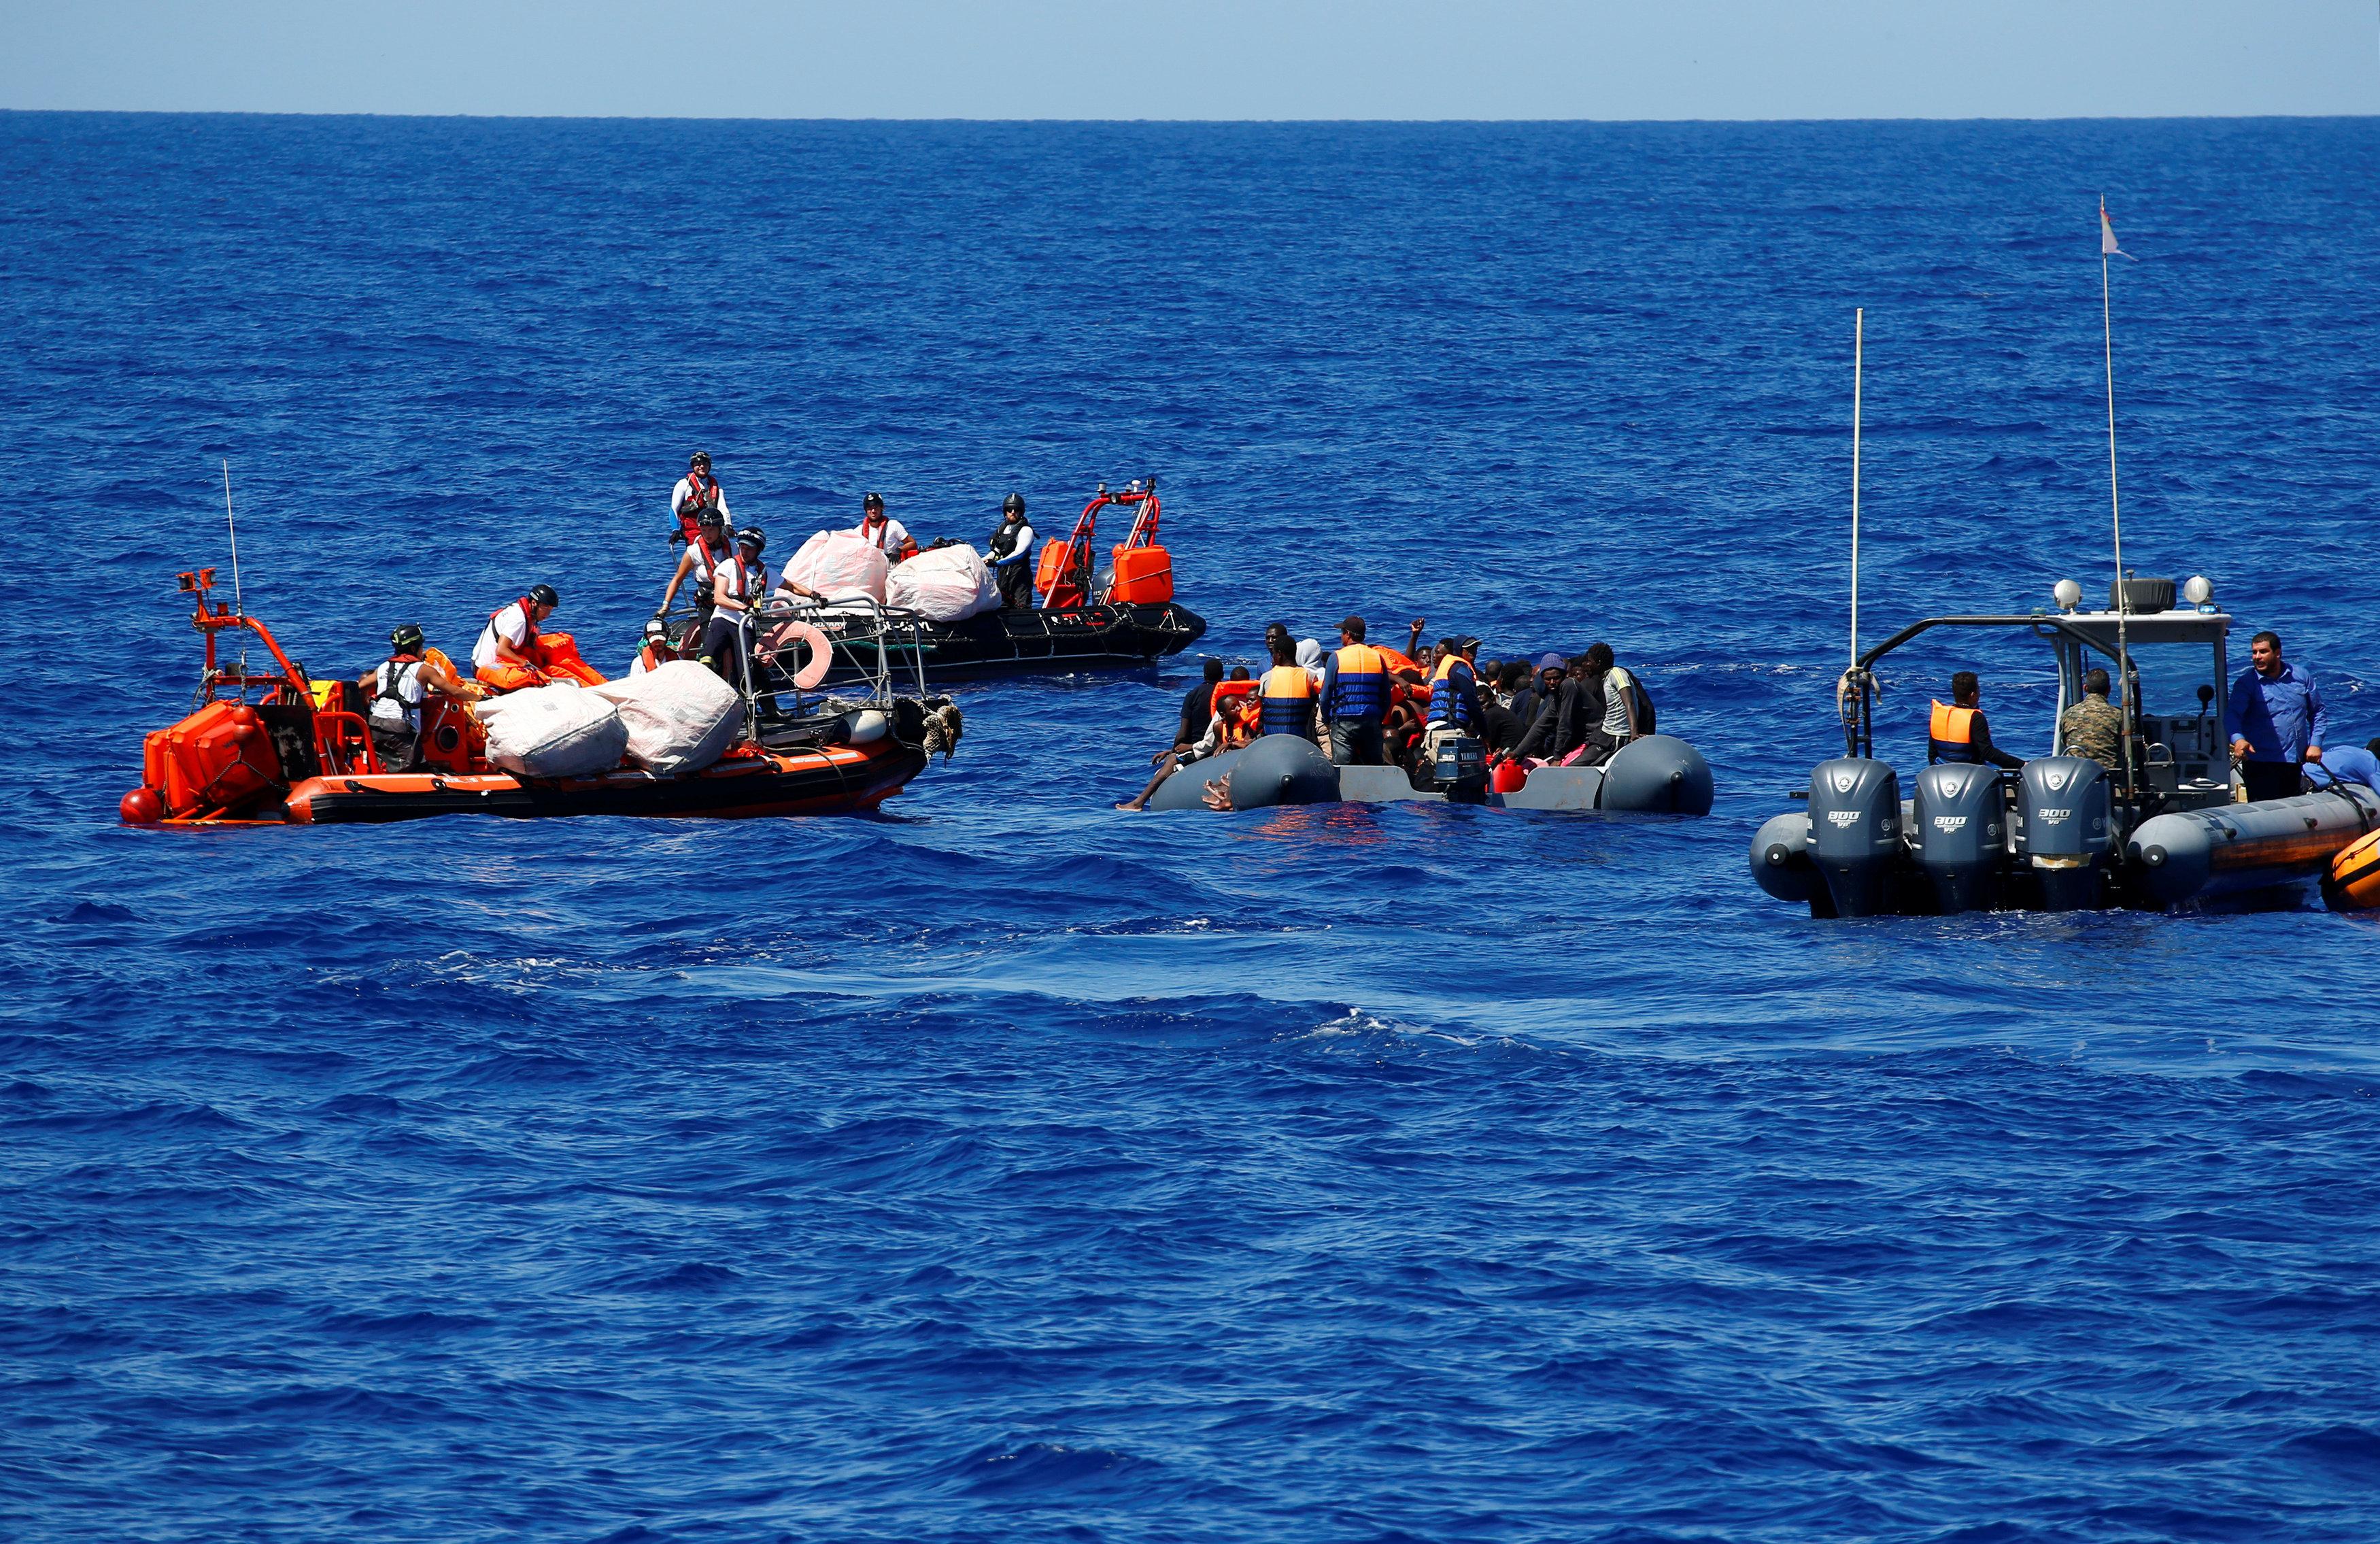 إنقاذ مهاجرين على سواحل المتوسط